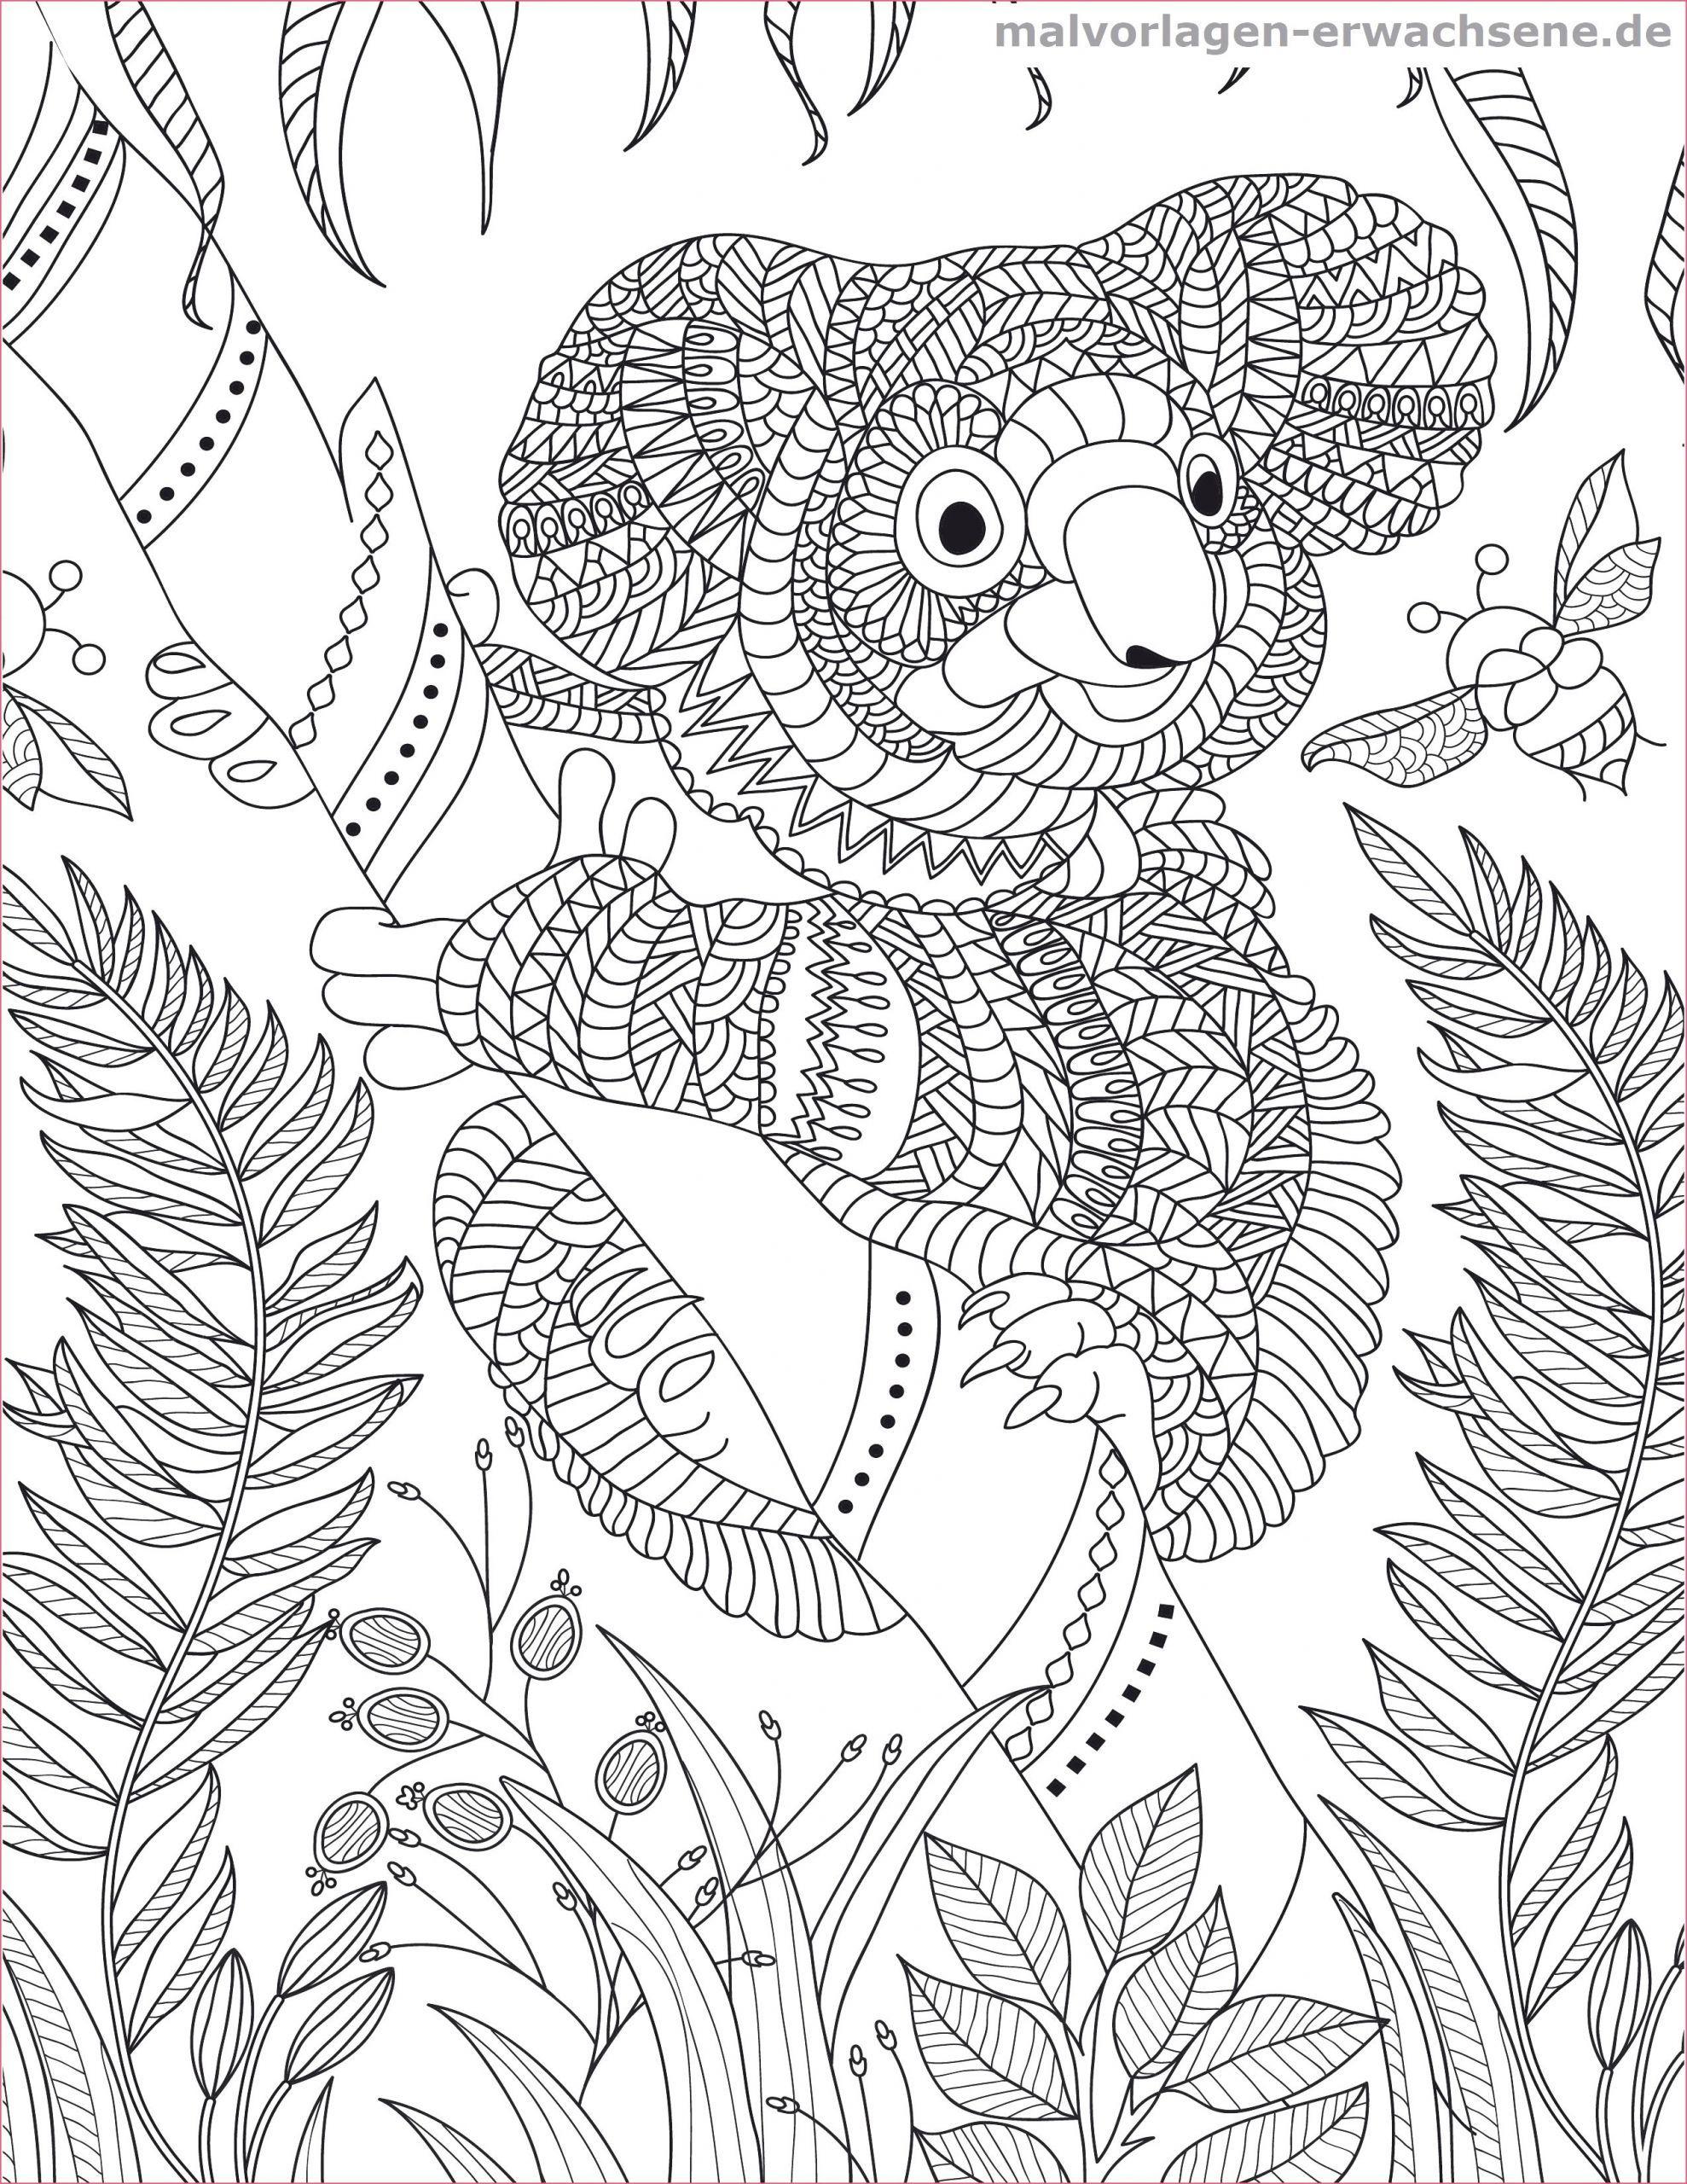 Die Besten Von Papagei Mandala Ausmalbilder Zum Ausdrucken Parrot Mandala Coloring Of Malvorl Ausmalbilder Ausmalen Mandala Zum Ausdrucken